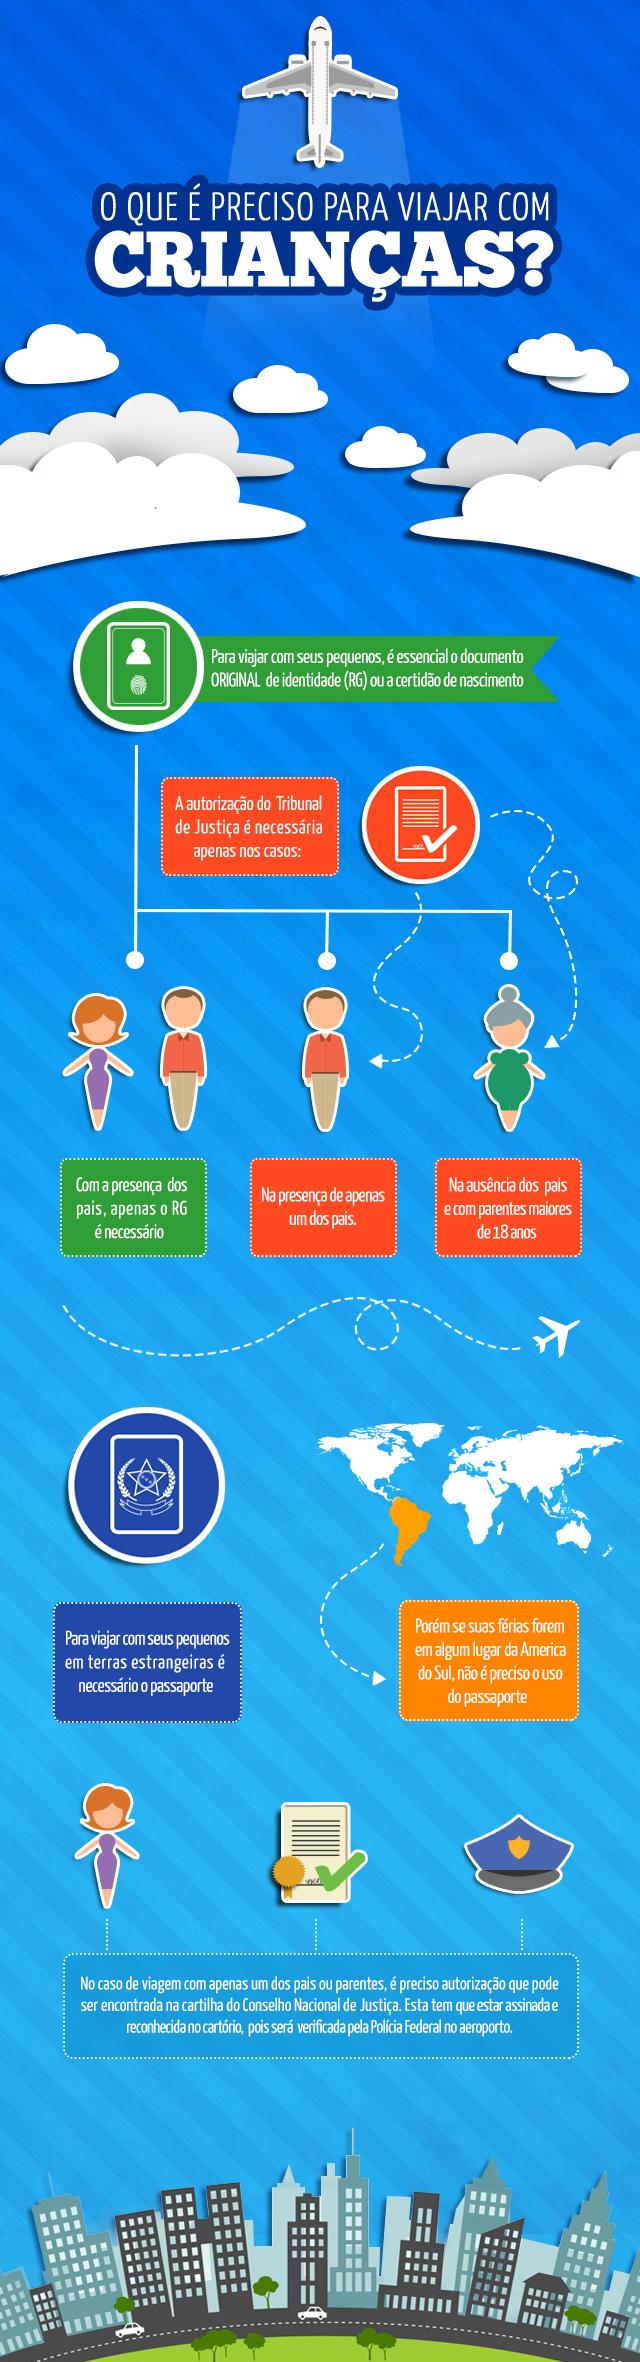 Infográfico - O que precisa para viajar com crianças?